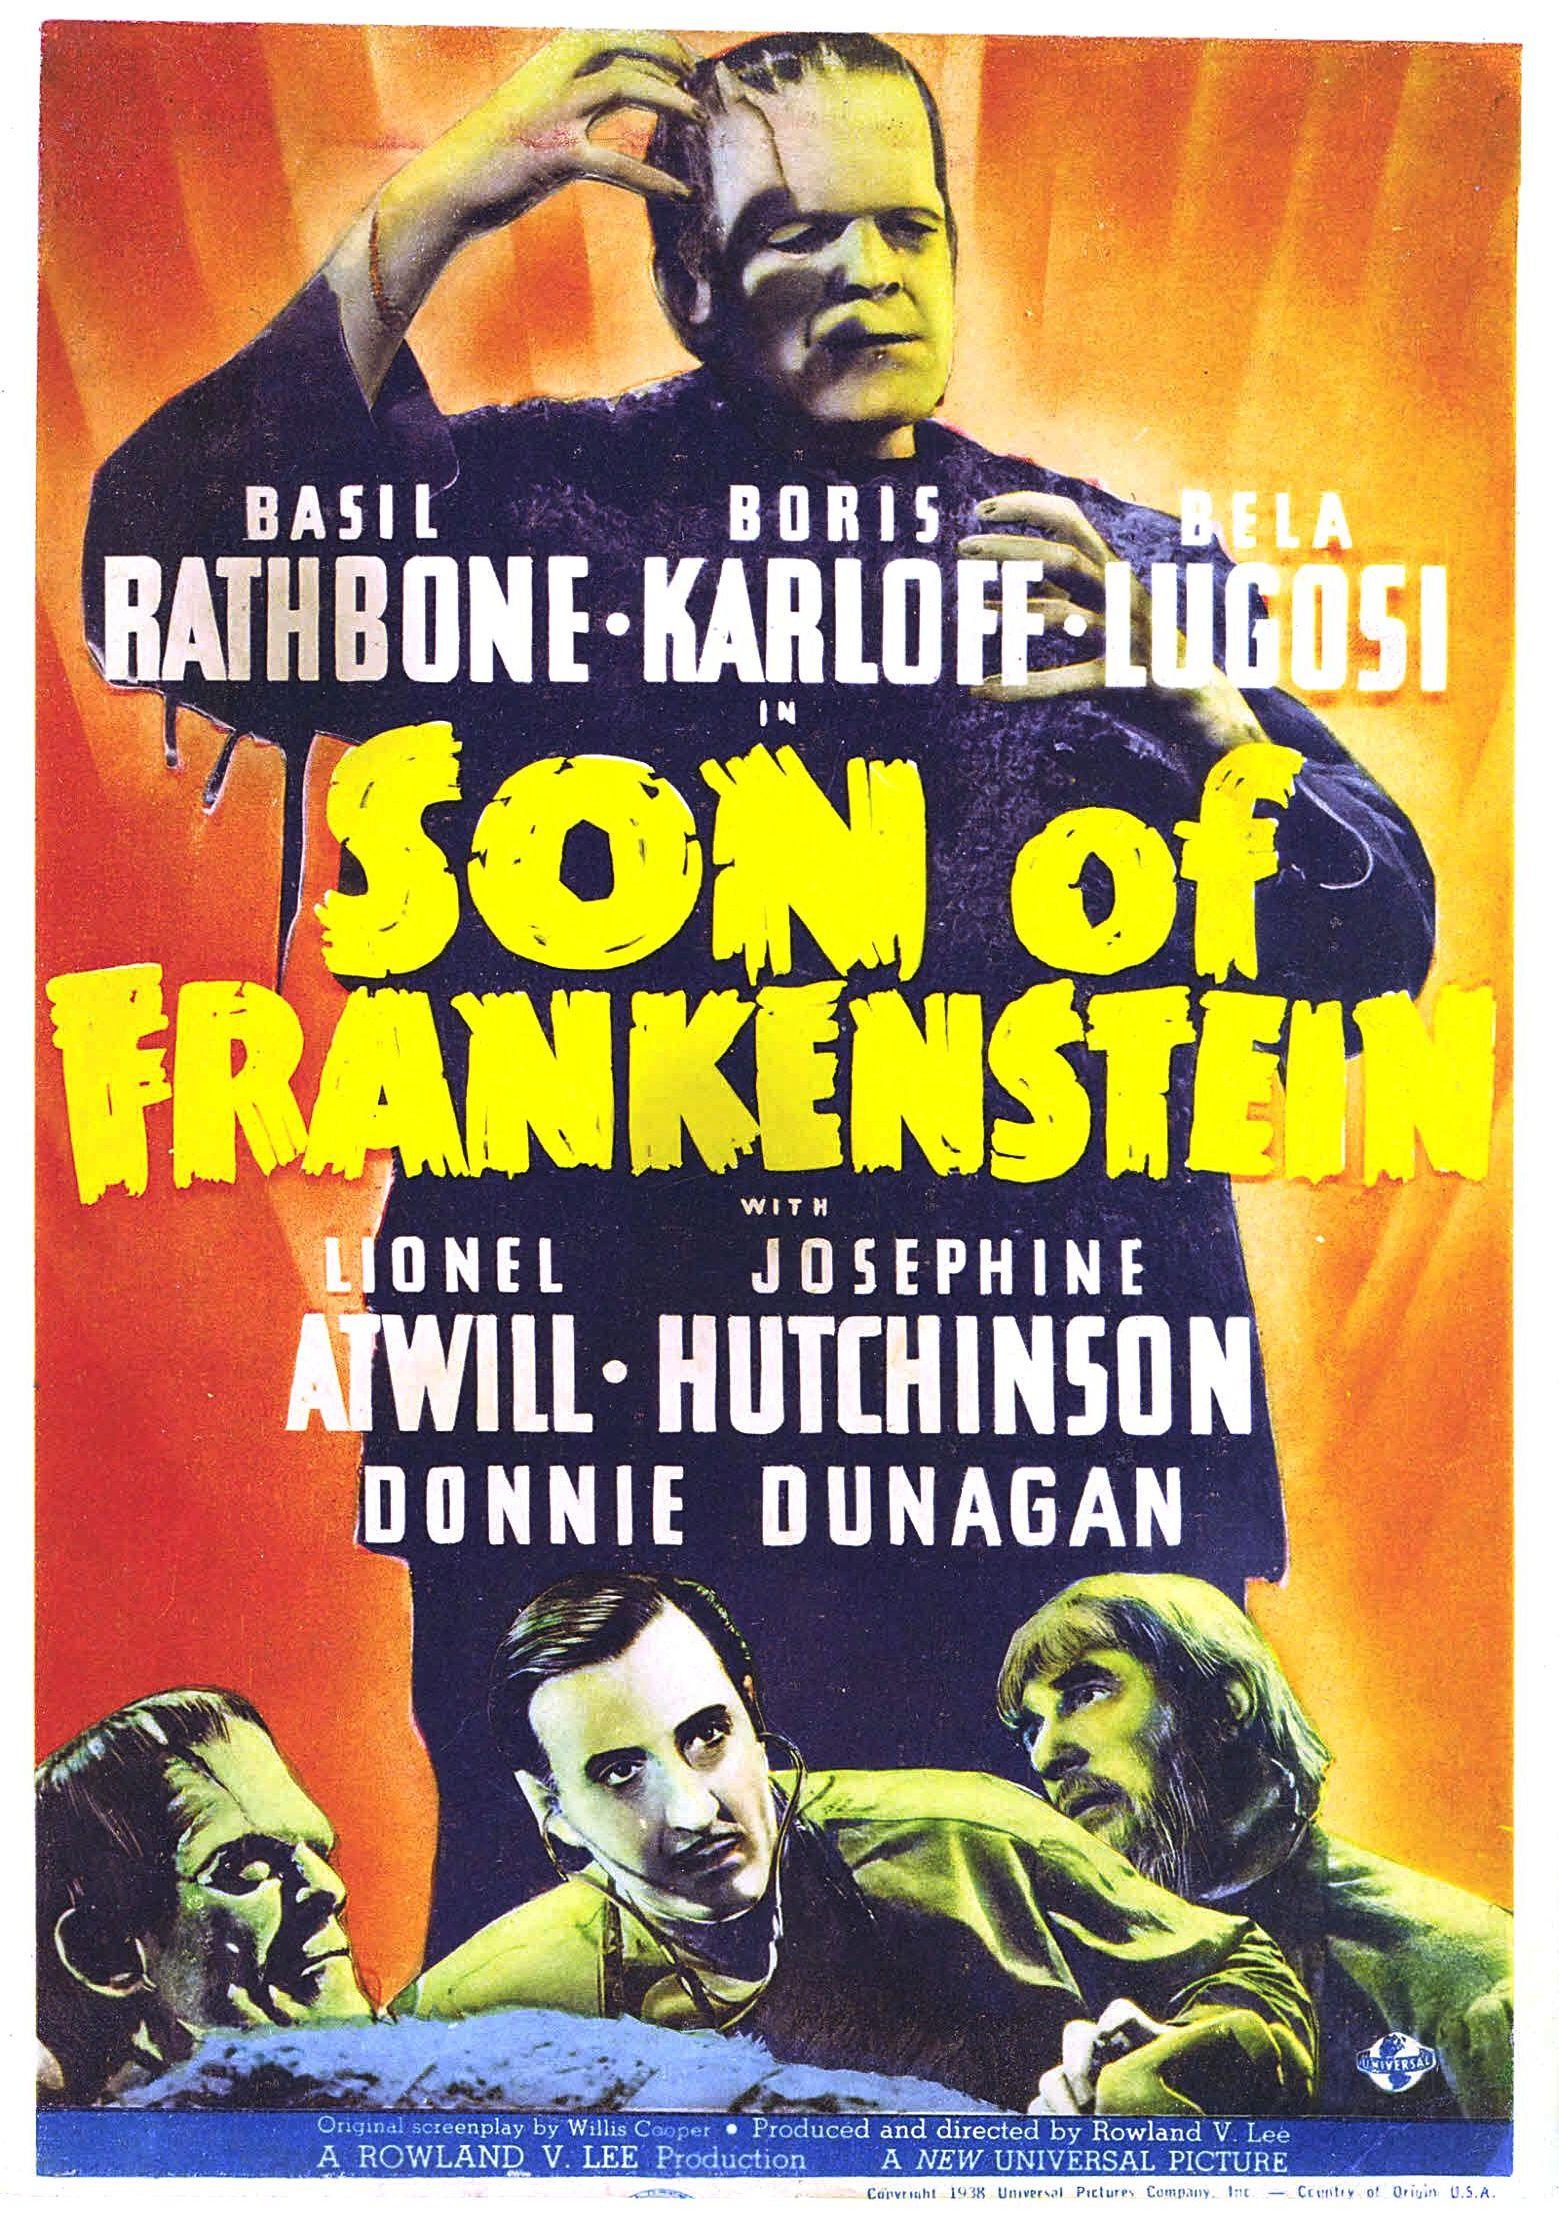 Boris Karloff Horror movie poster print 2 1931 Frankenstein